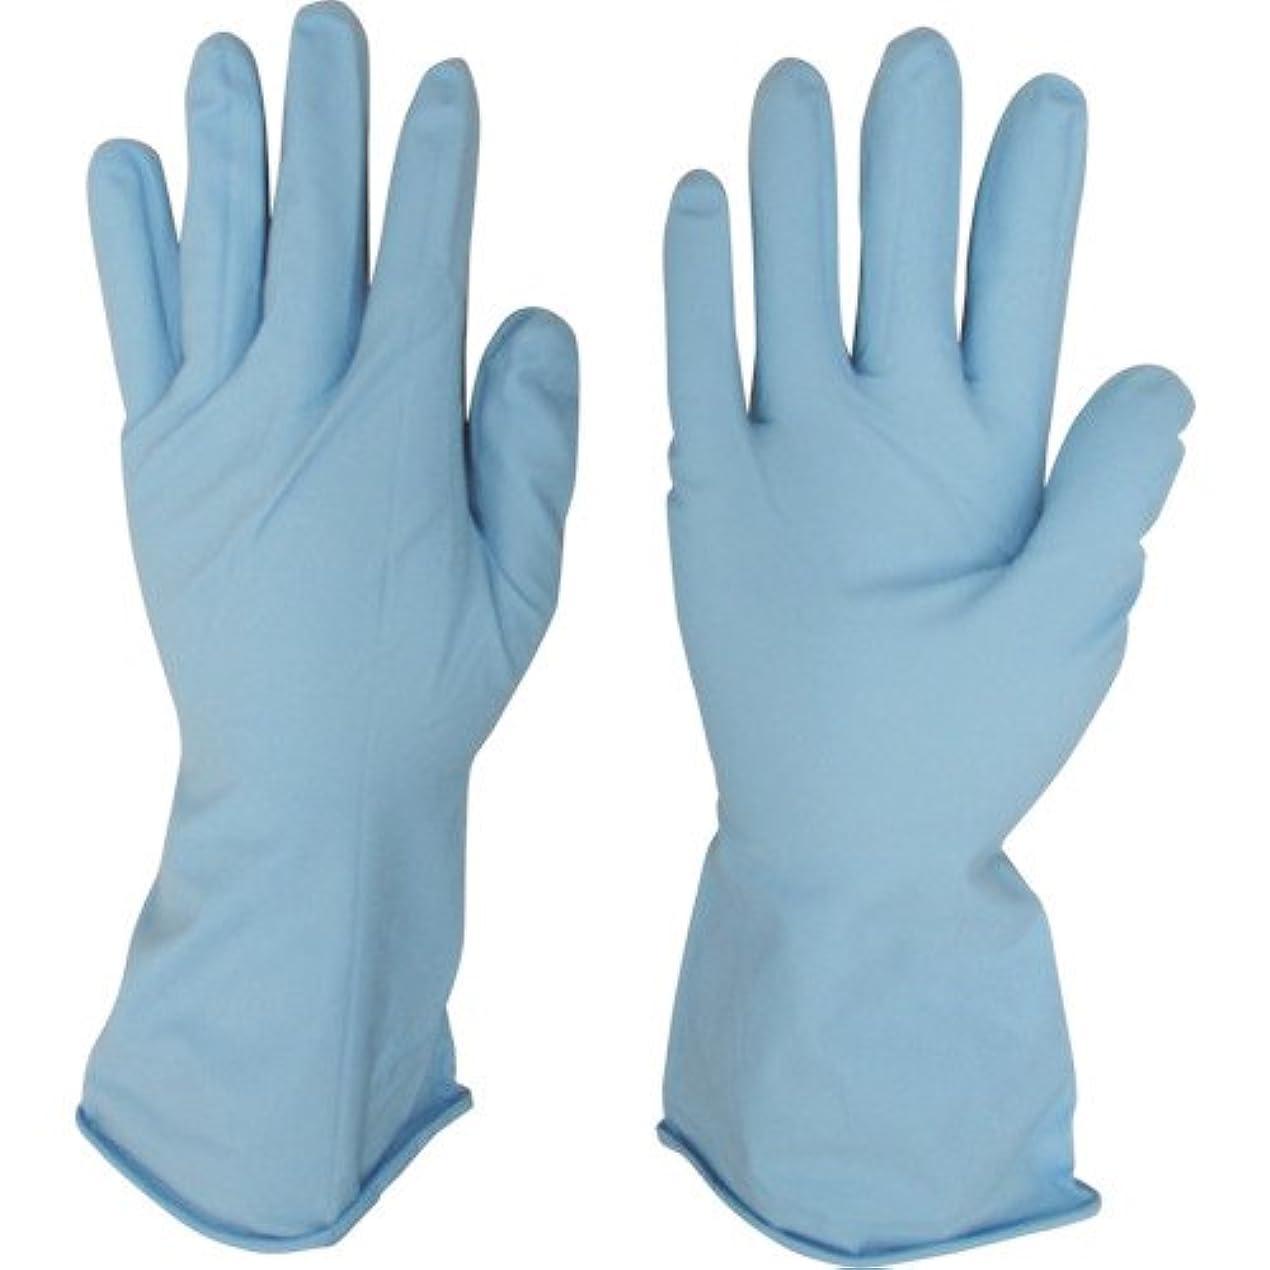 場所燃料ソファー宇都宮製作 作業用手袋 シンガーニトリル薄手手袋 パウダーフリー ブルー 10双入 S